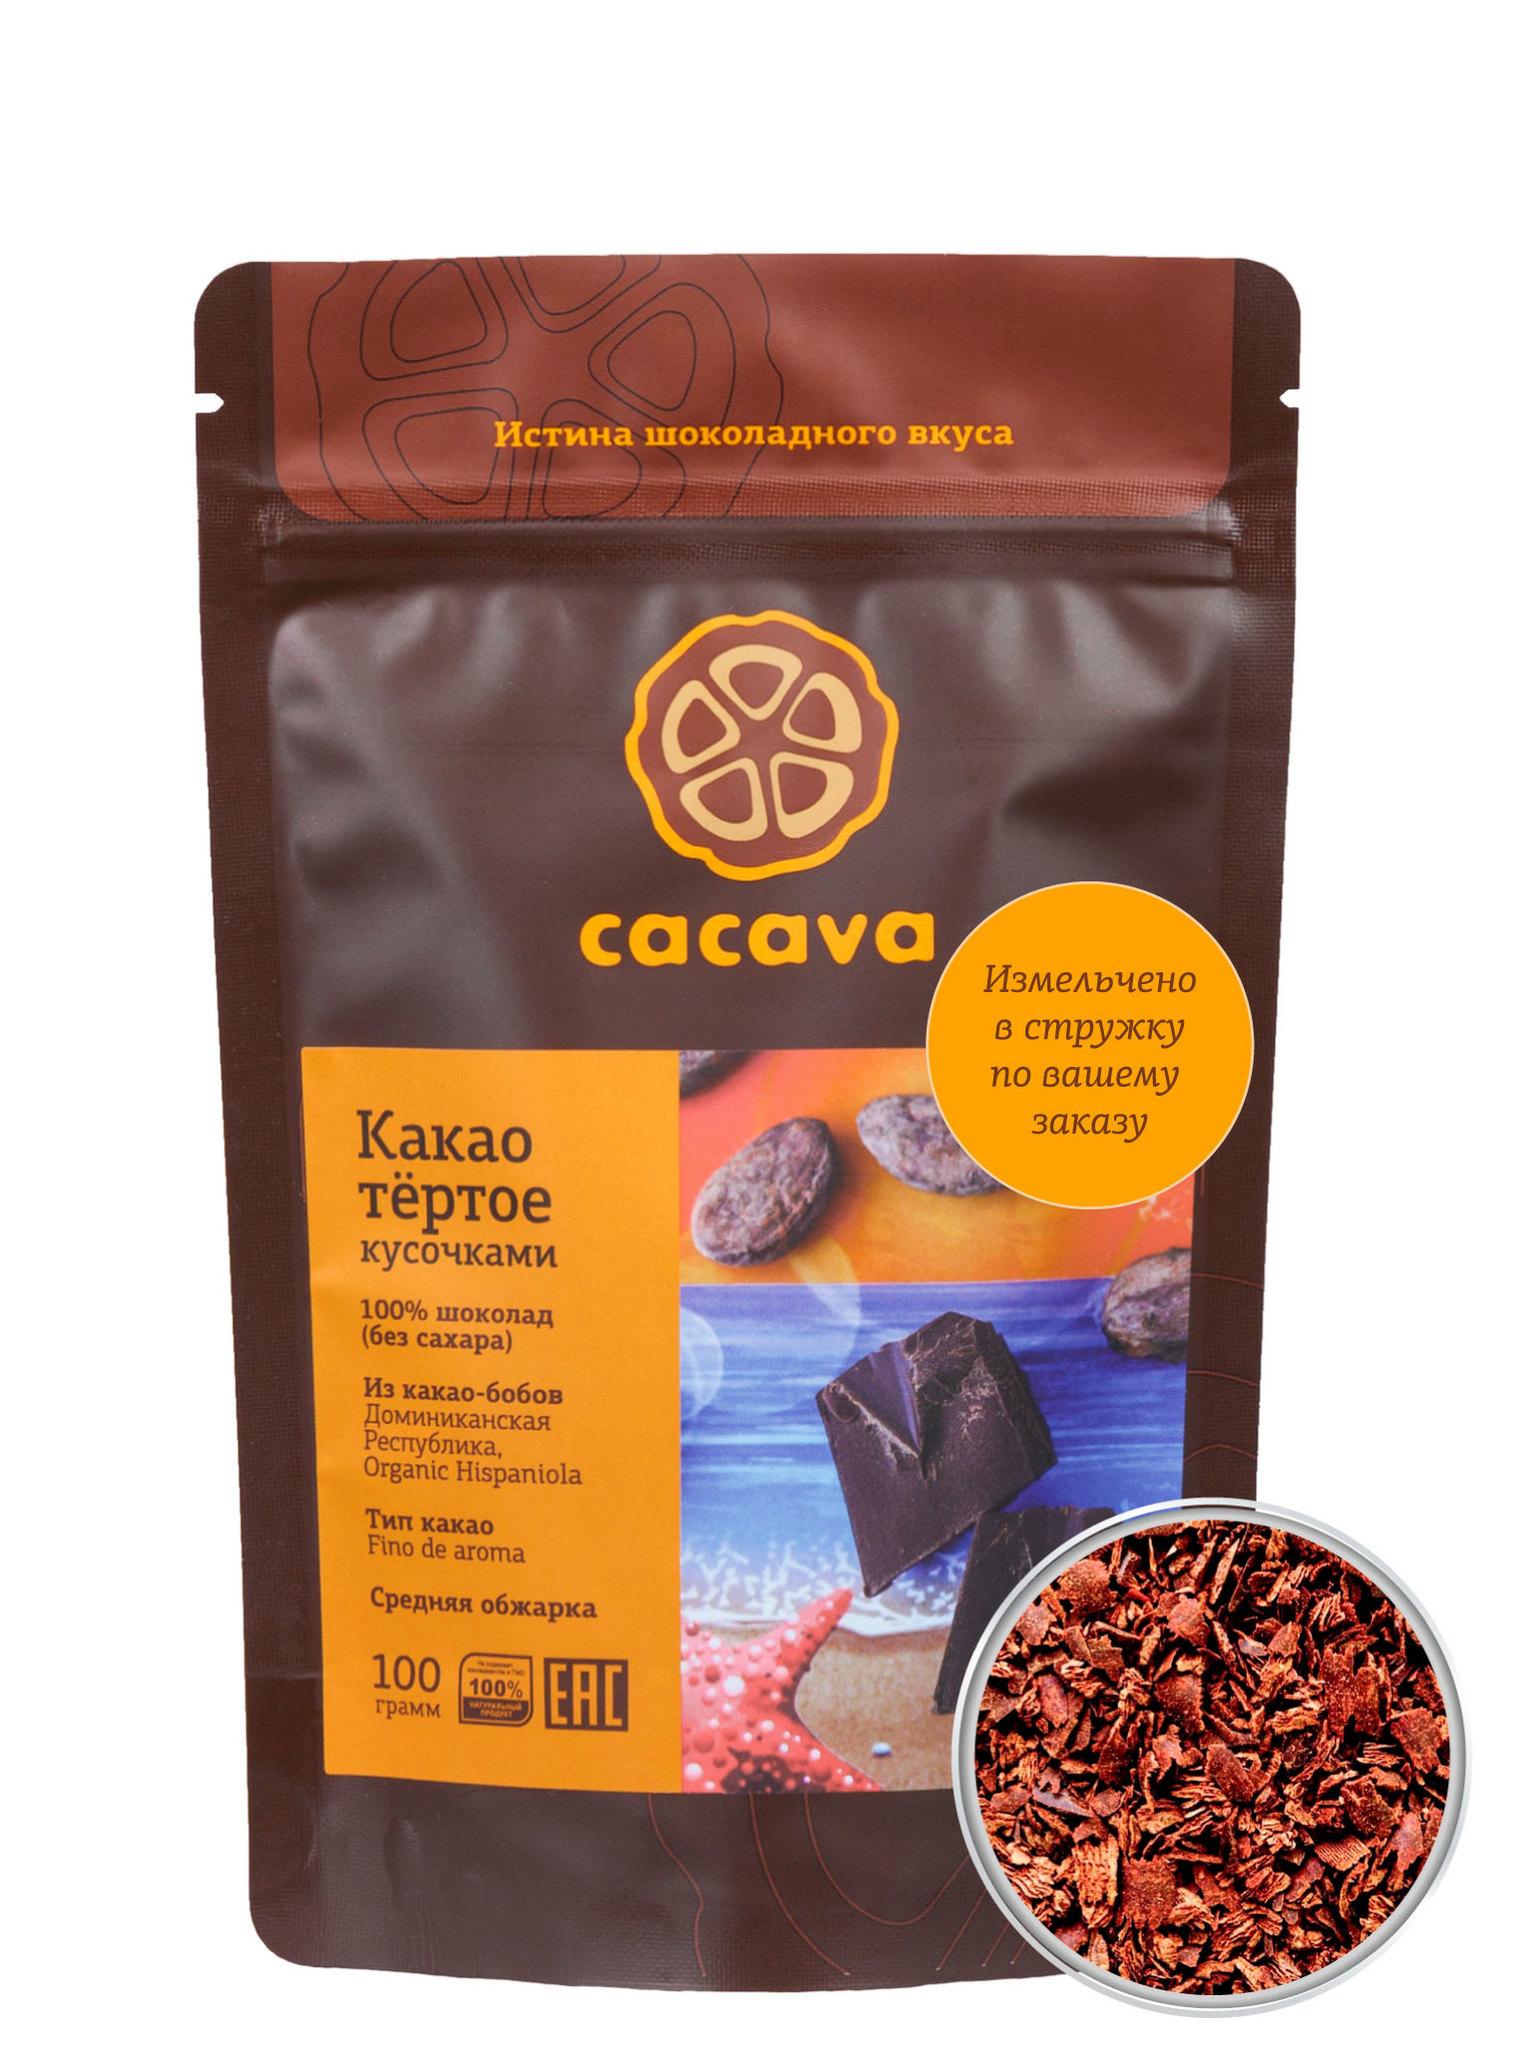 Какао тёртое в стружке (Доминикана, Organic Hispaniola), упаковка 100 грамм